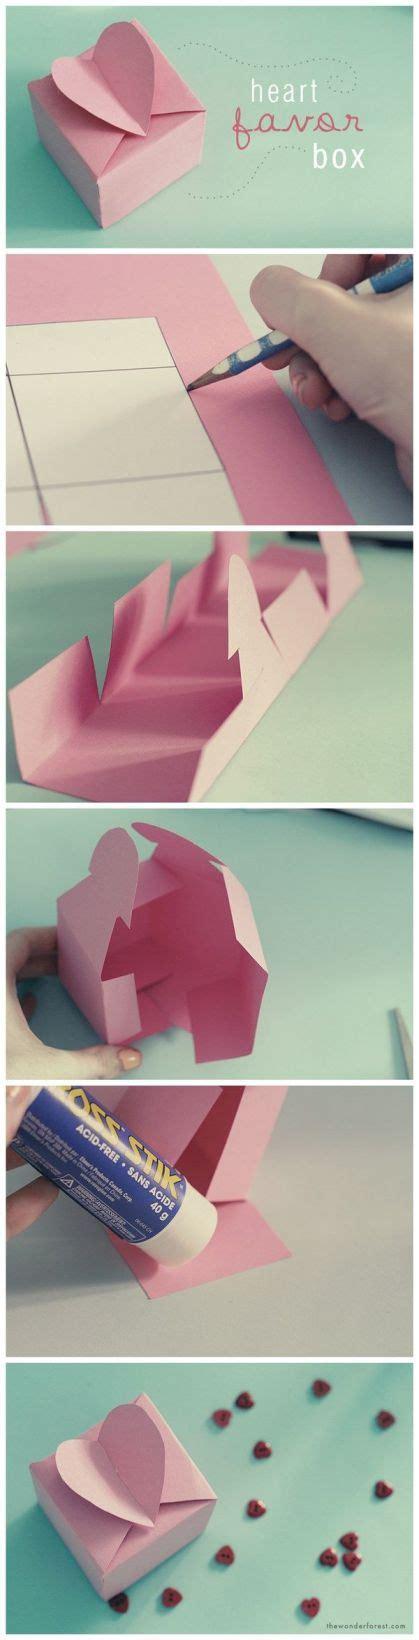 Overlagsen Kotak Kado Merah Muda 10 kreasi bungkus kado yang mudah ditiru dan memberikan